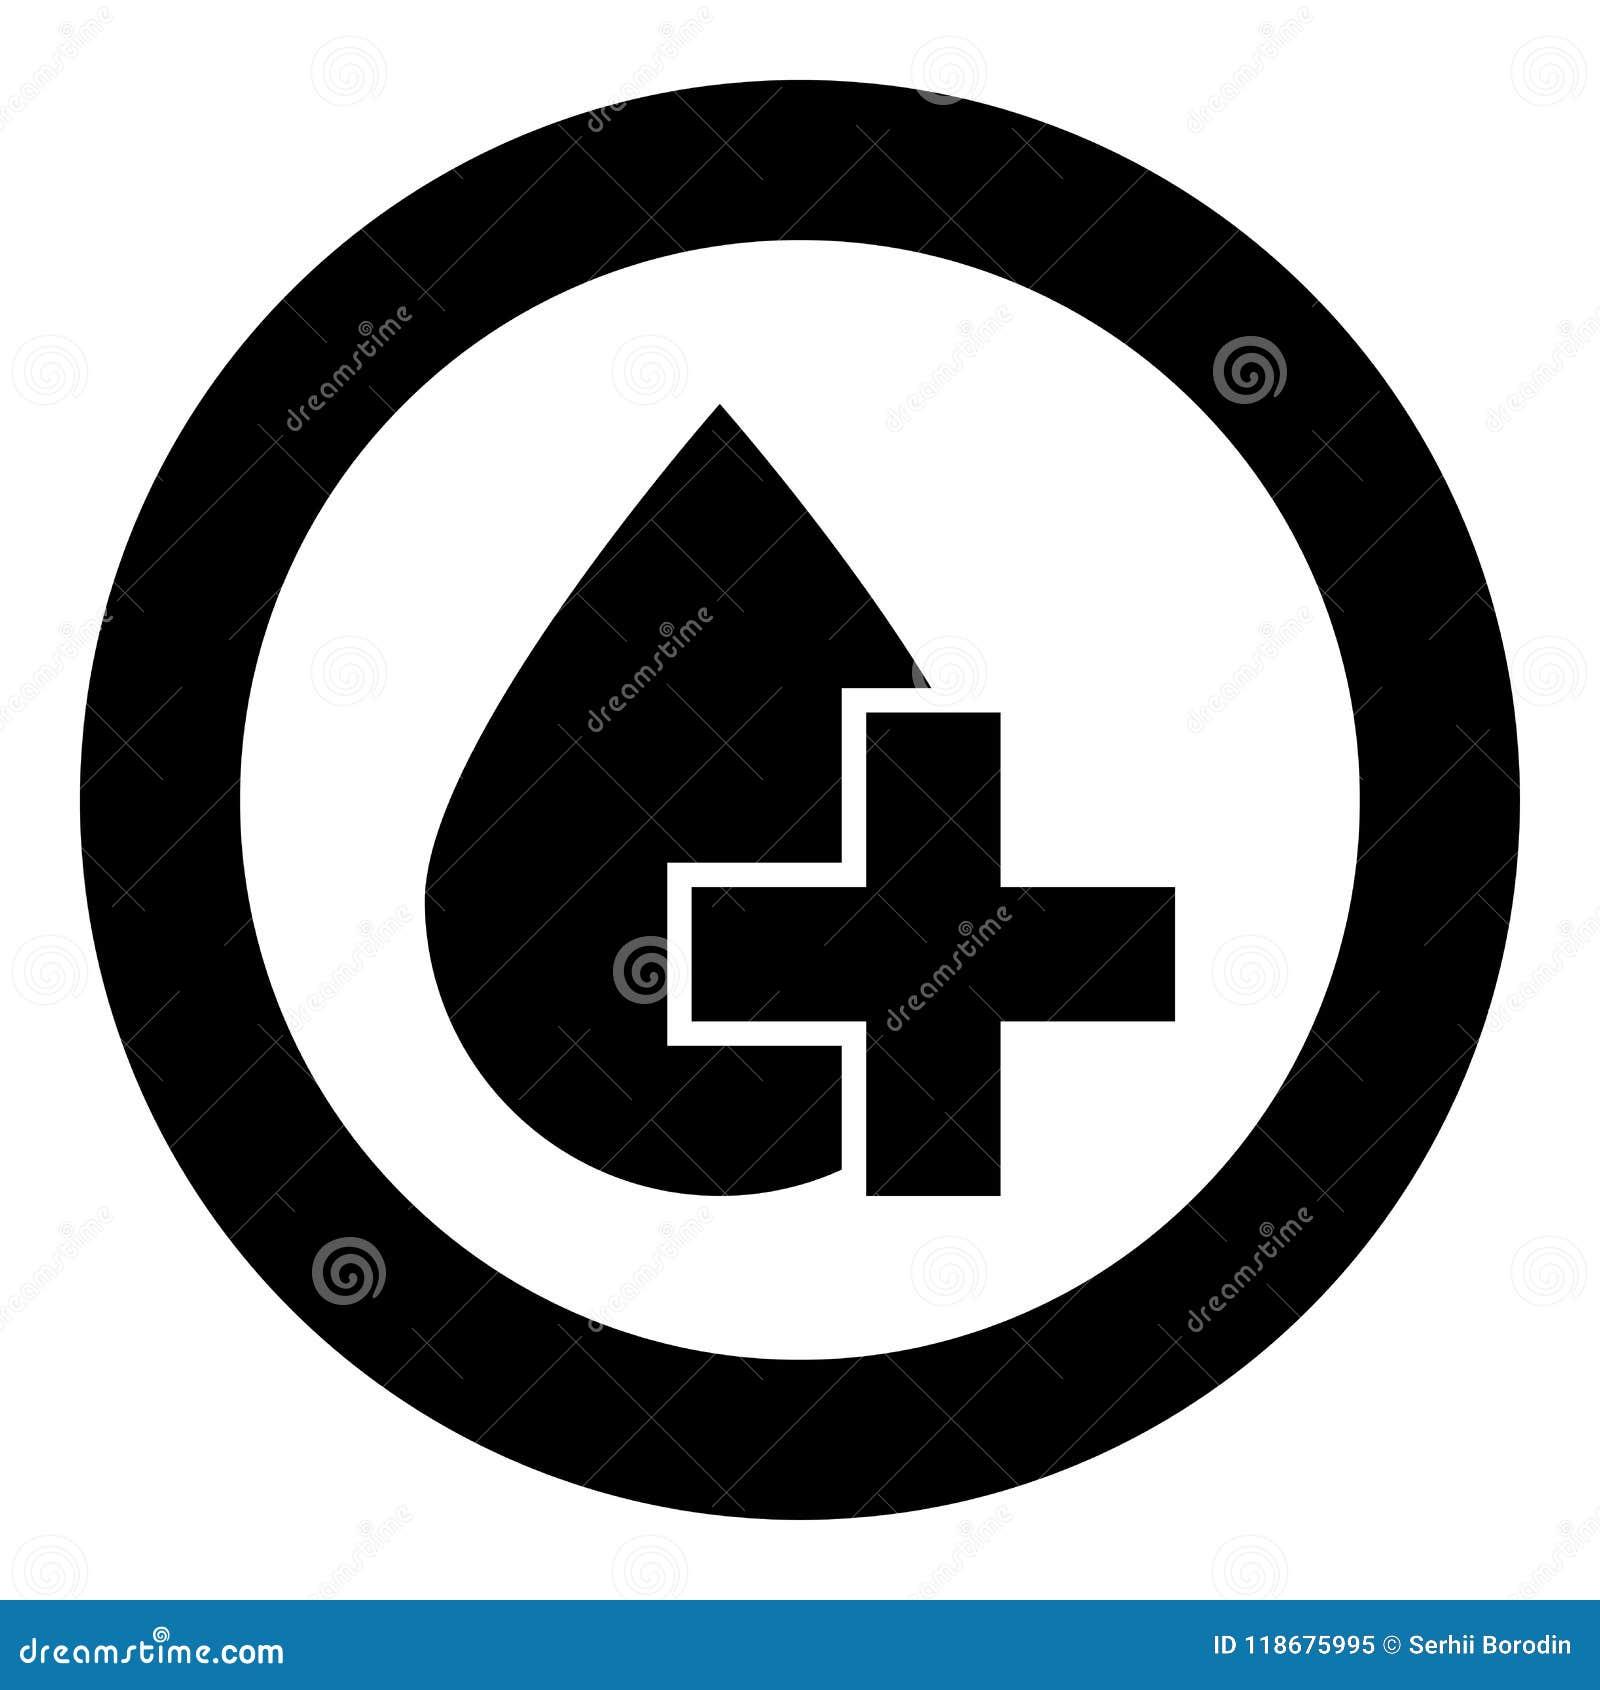 Tappa och korsa symbolssvartfärg i cirkelrunda